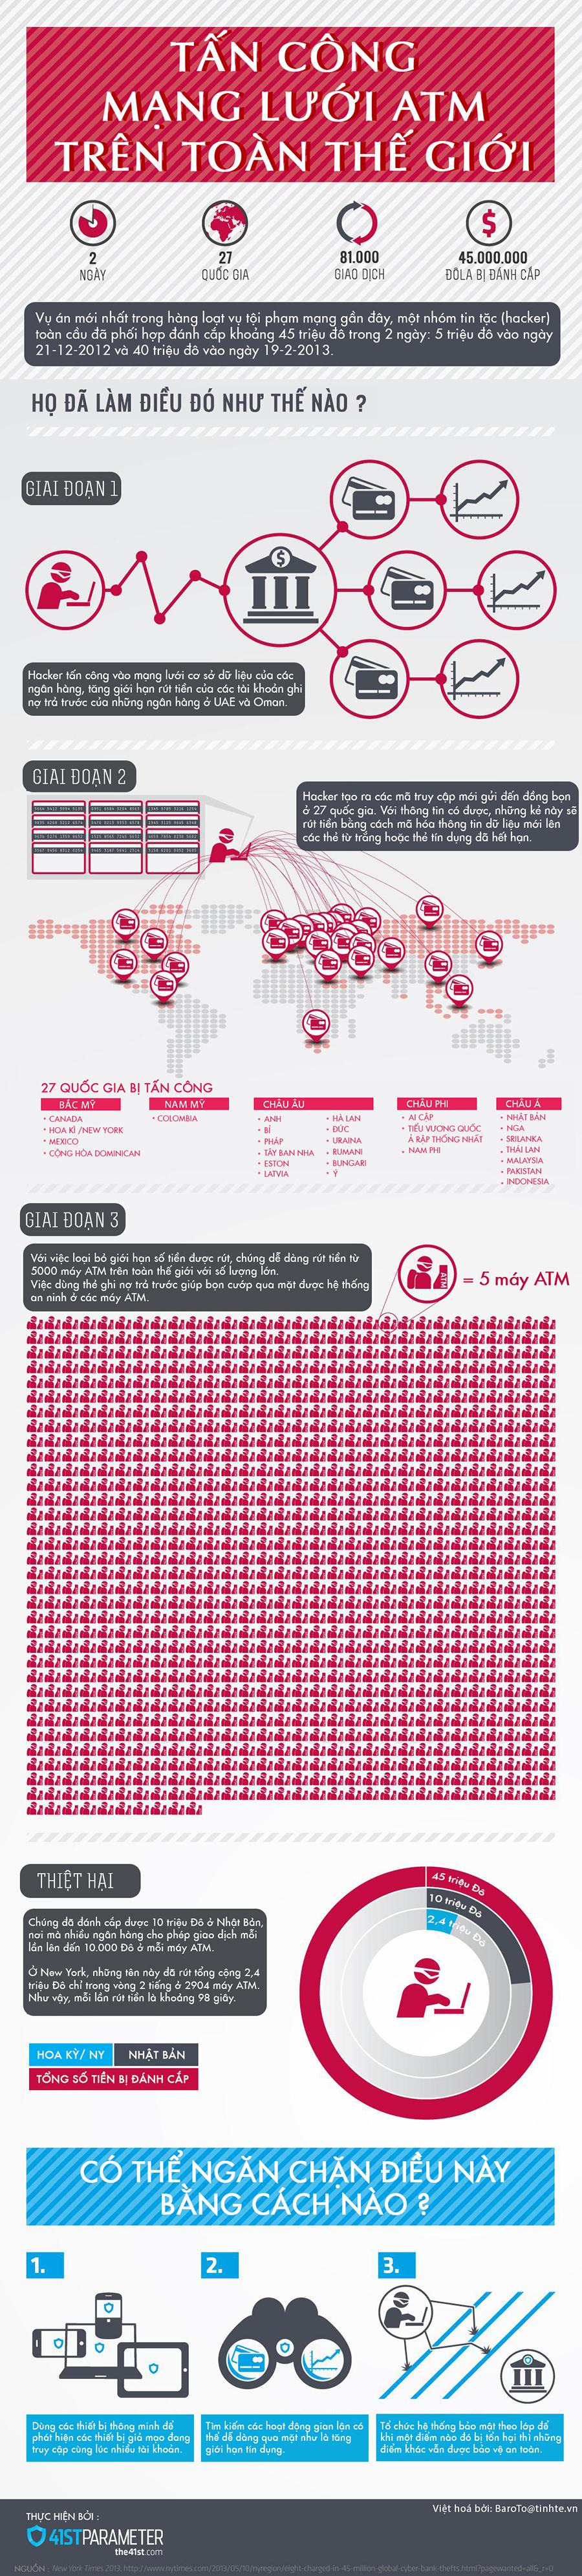 Tấn công mạng lưới ATM trên toàn thế giới